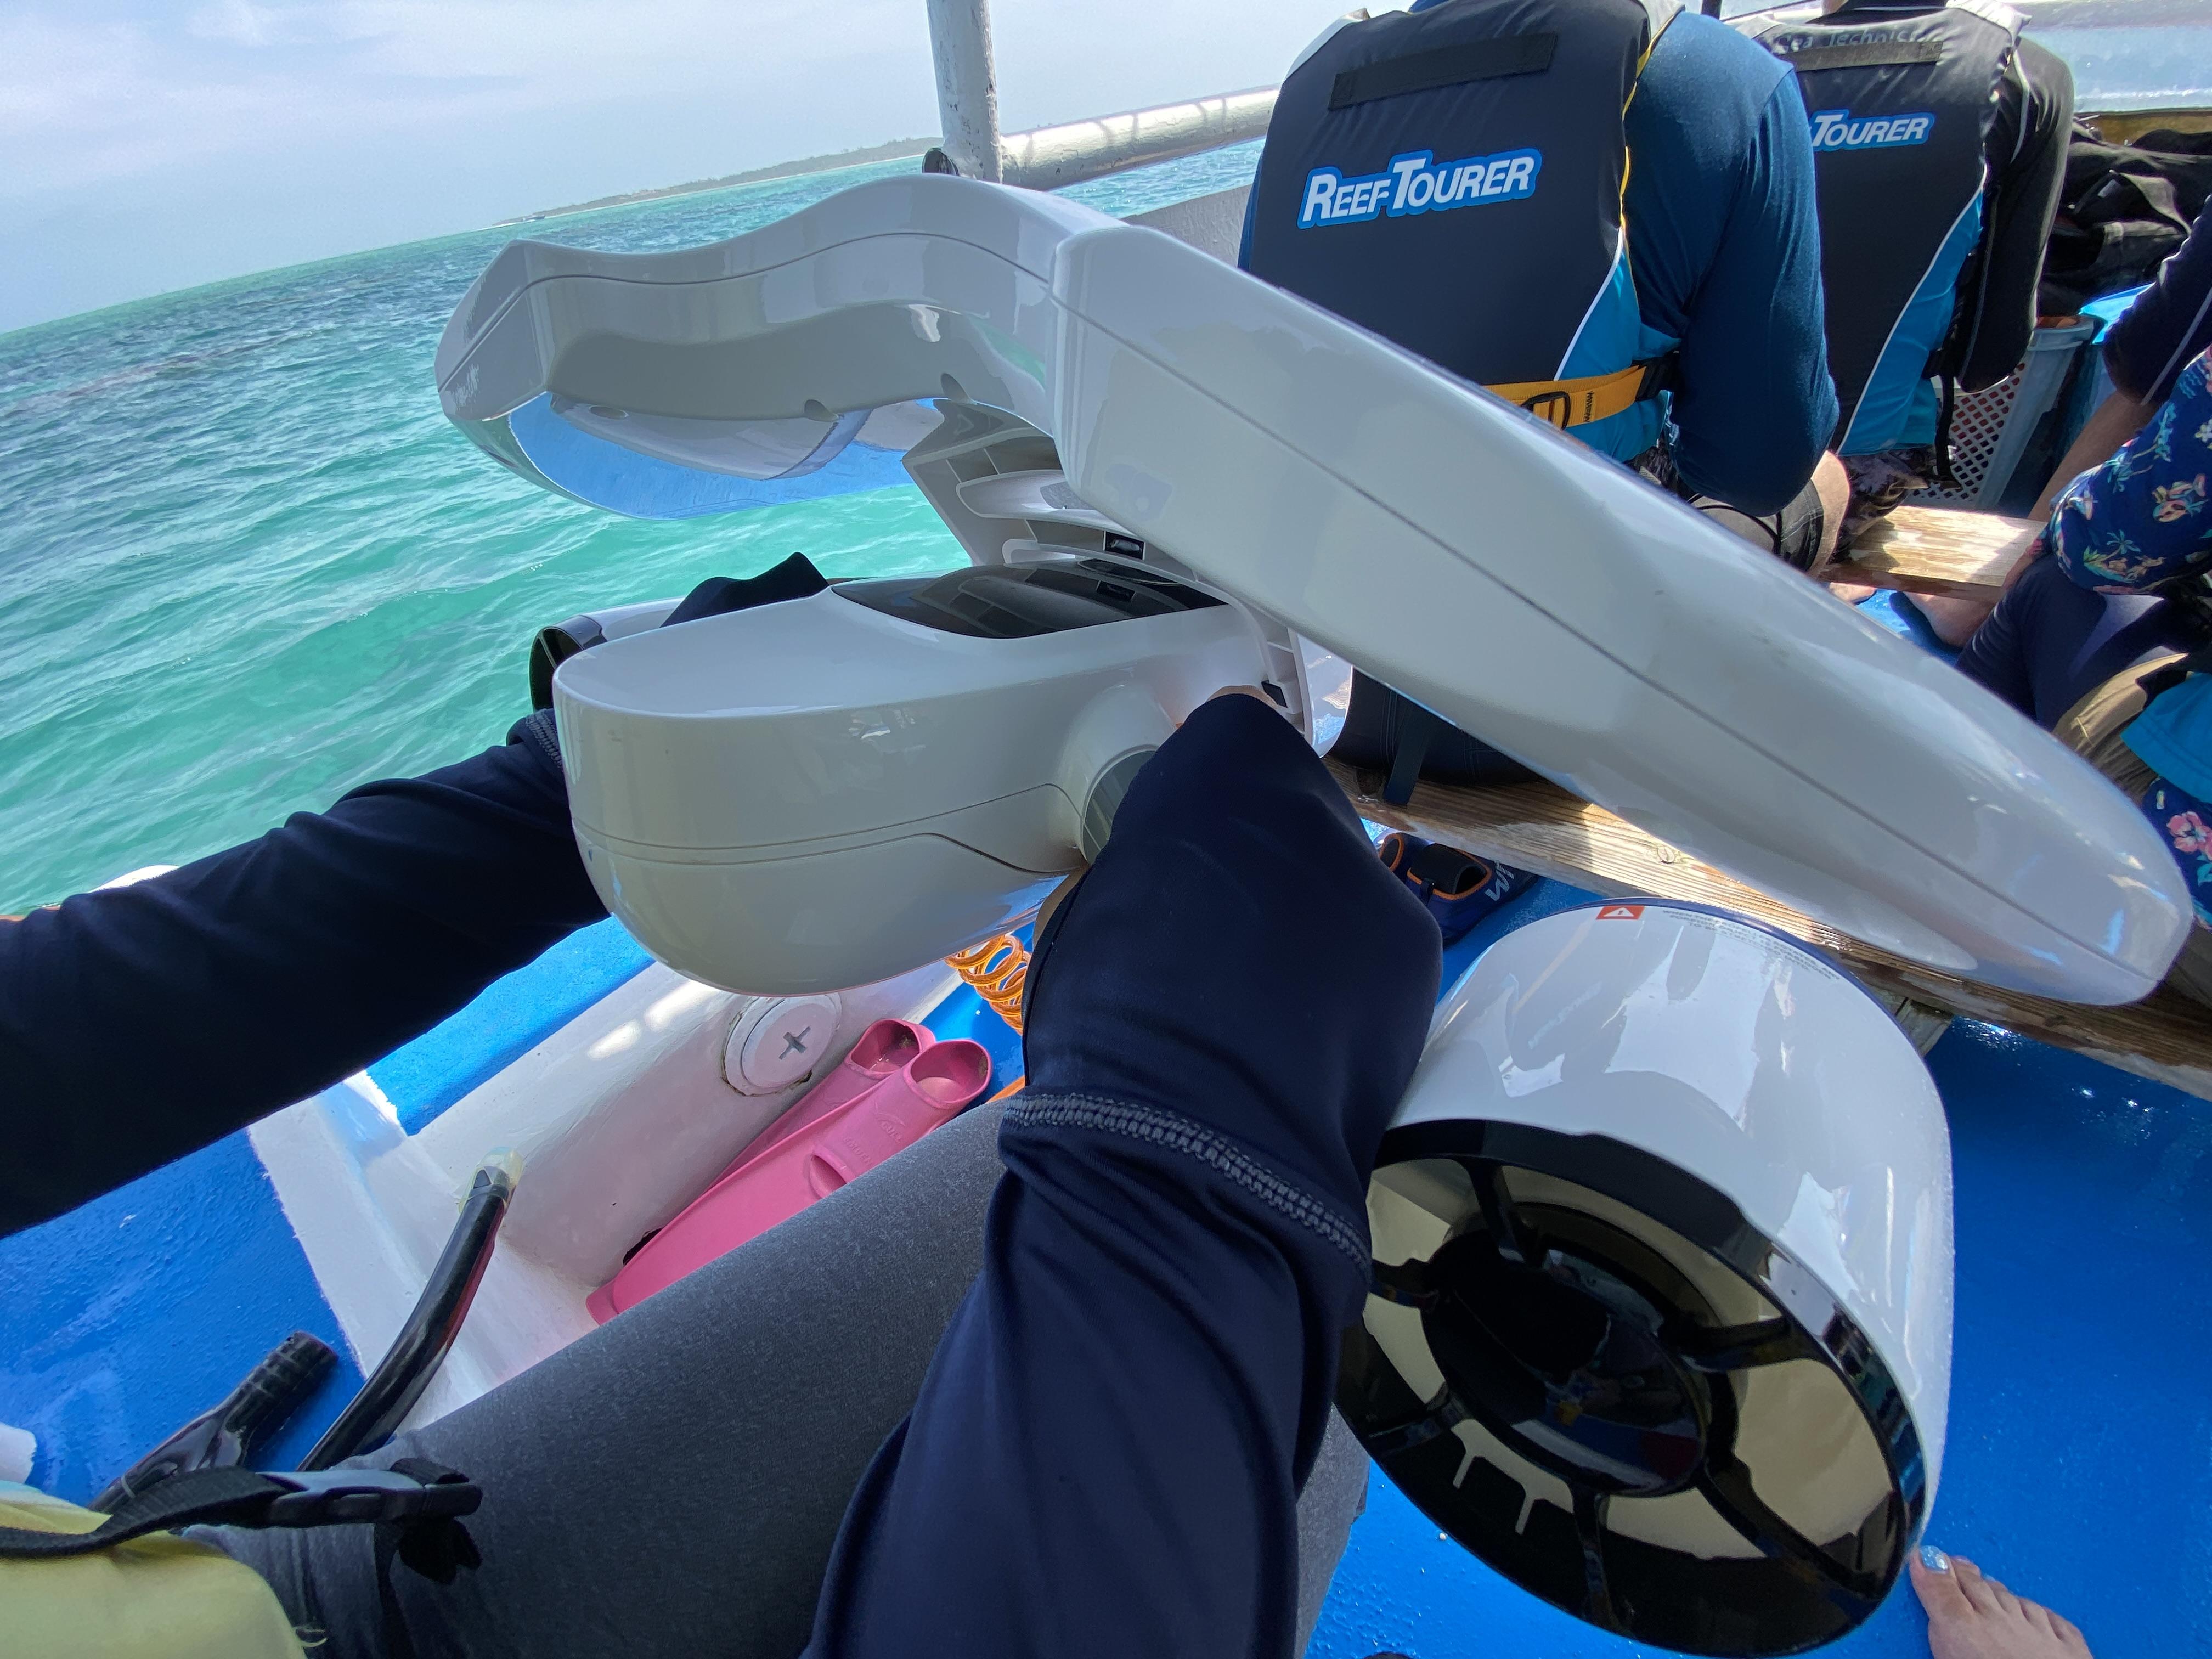 【リゾナーレ小浜島 宿泊ルポ|後編】幻の島、海上ラウンジ、日本最大珊瑚礁でのシュノーケルまで、最高のアクティビティを体験! 画像16